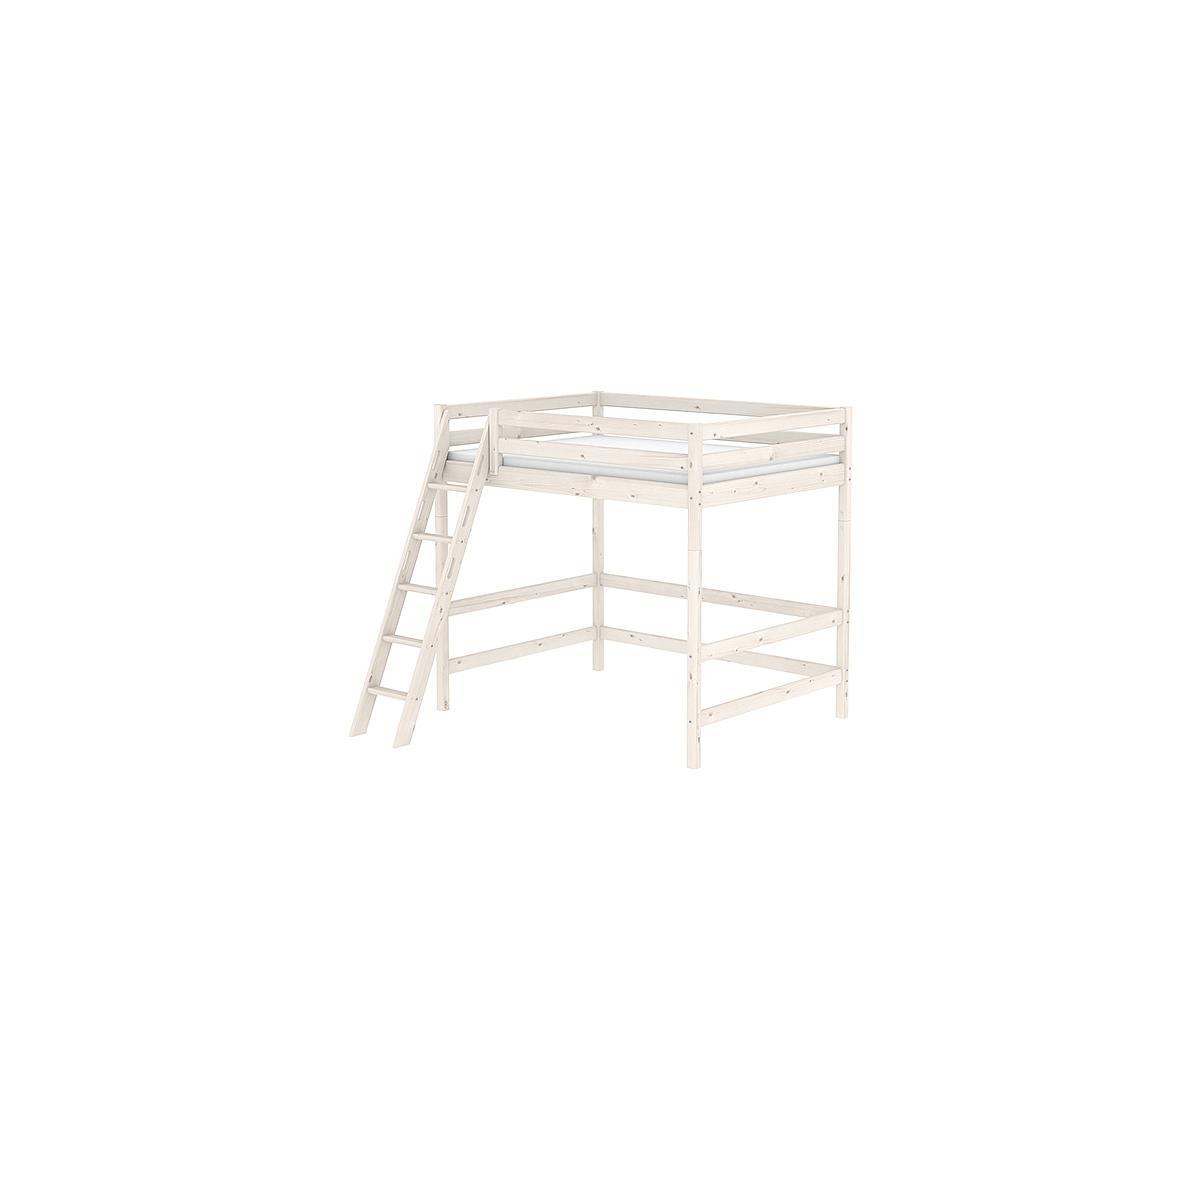 Estructura elevación Cama alta 140x200 CLASSIC Flexa blanco cal